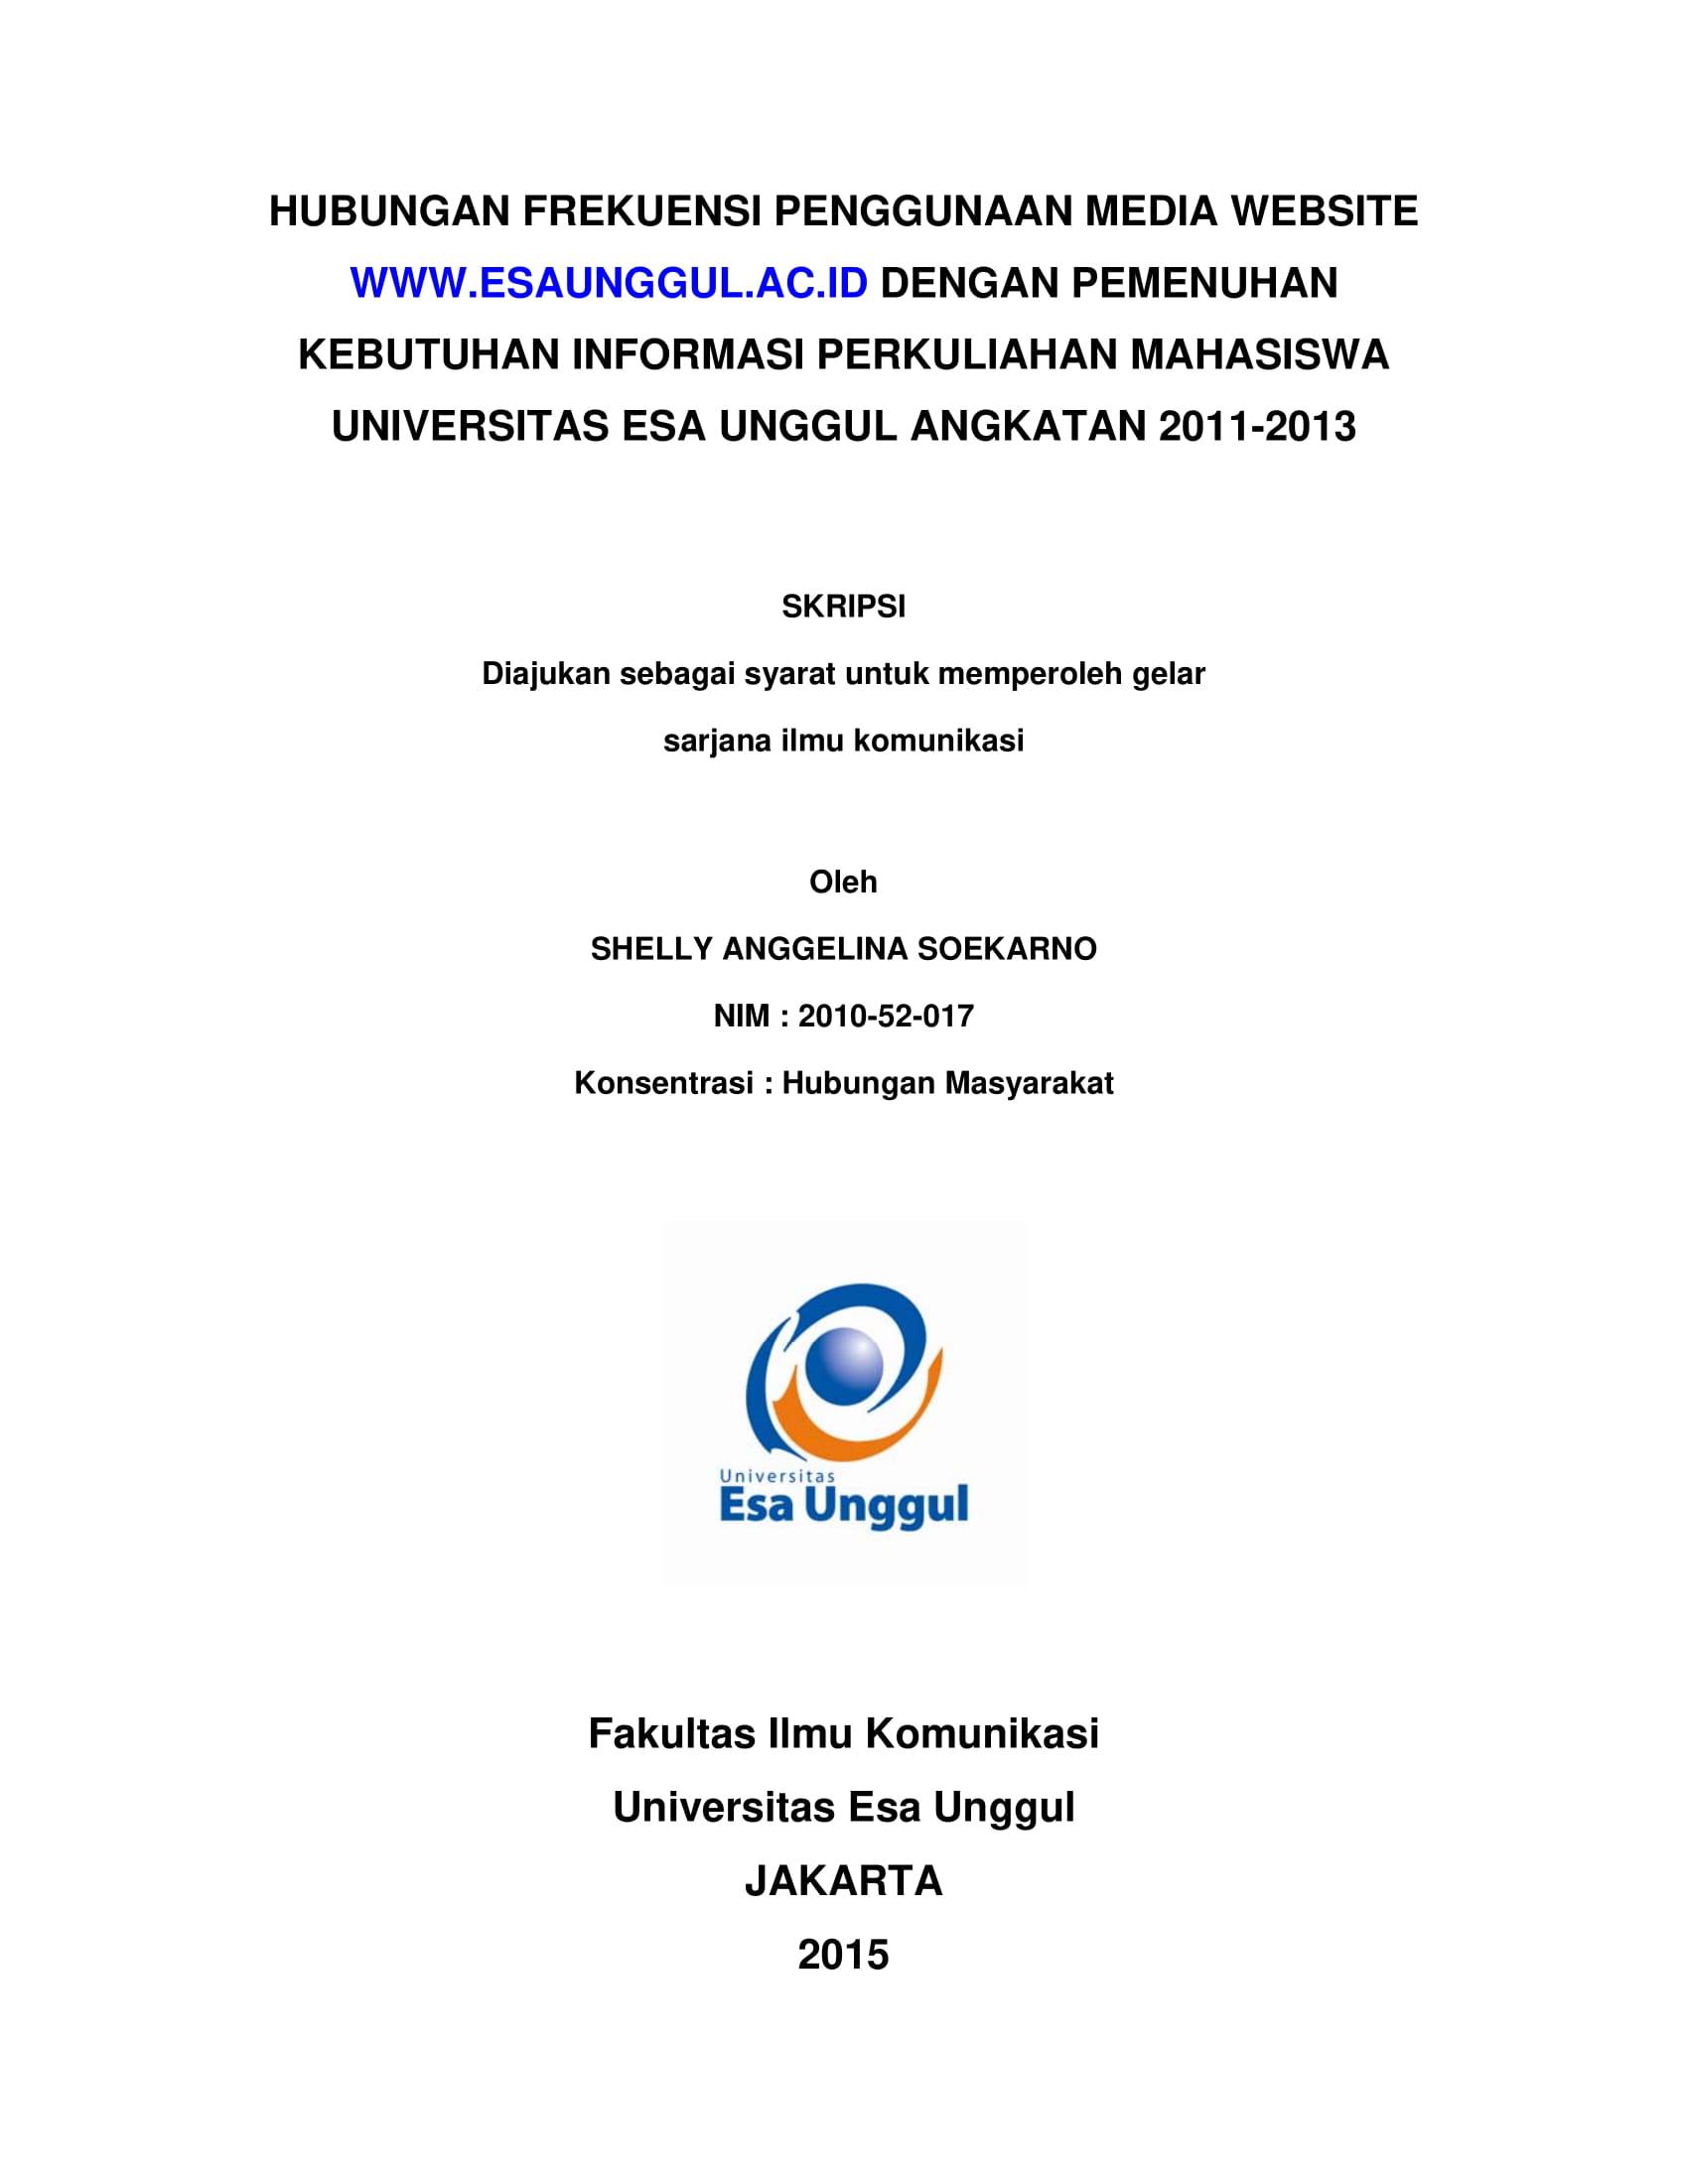 Hubungan Frekuensi Penggunaan Media Website www.esaunggul.ac.id dengan Pemenuhan Kebutuhan Informasi Perkuliahan Mahasiswa Universitas Esa Unggul Angkatan 2011 – 2013